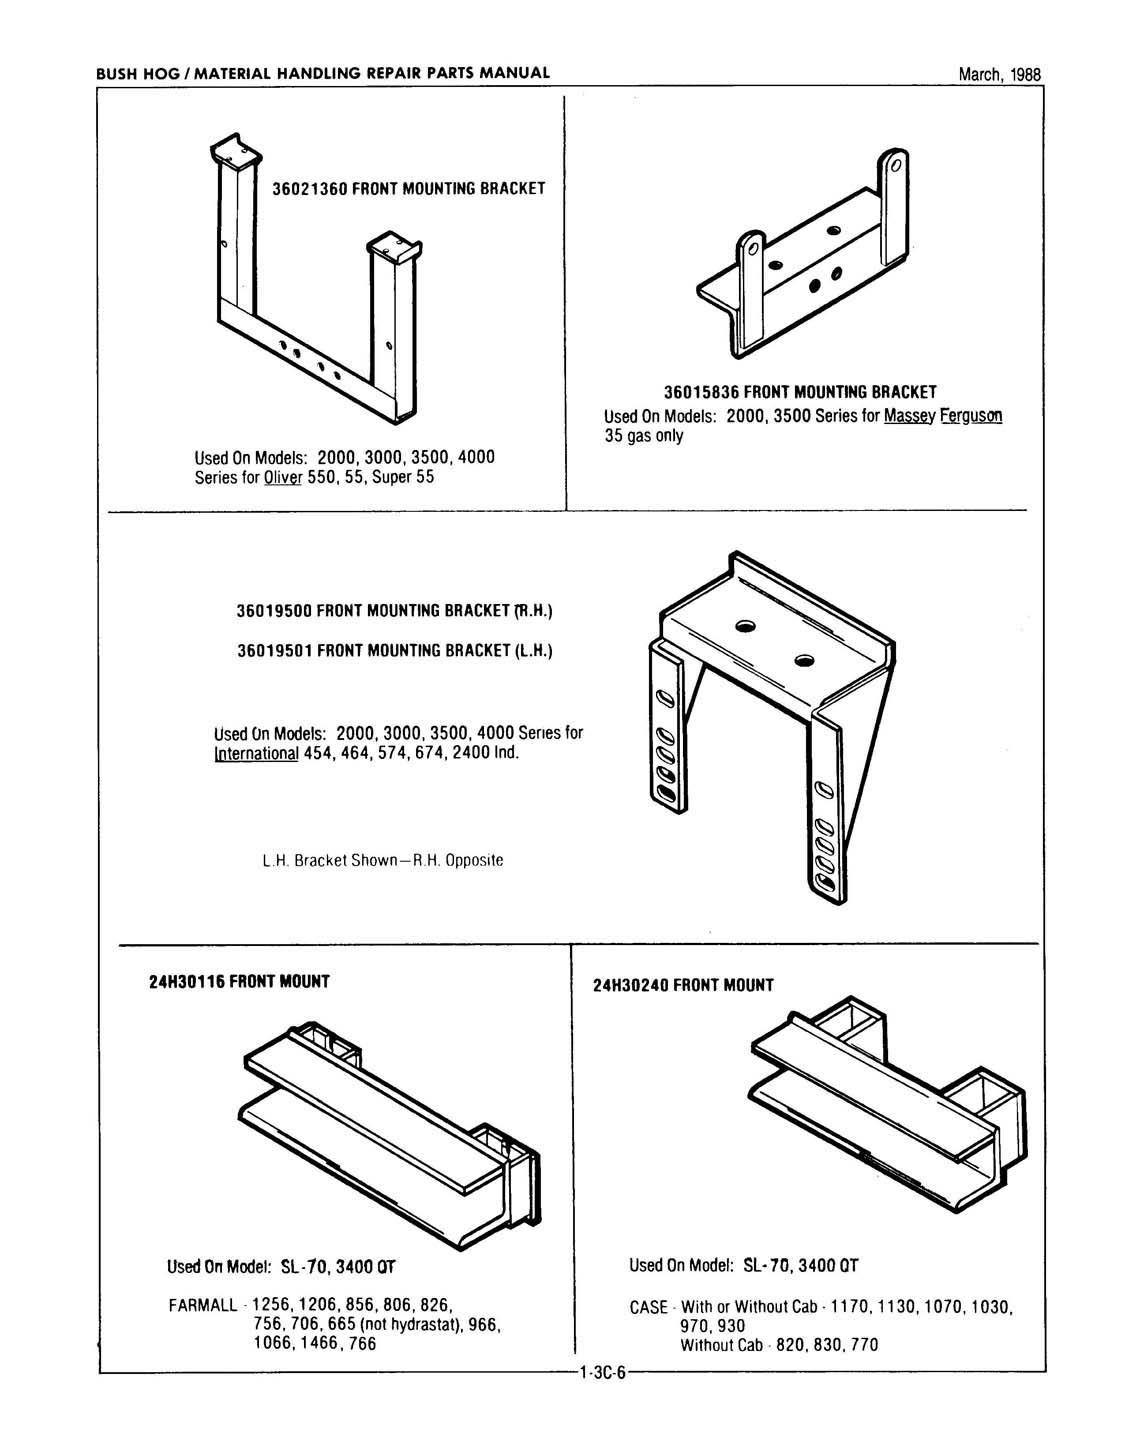 calamp gps wiring diagram honeywell wiring diagram